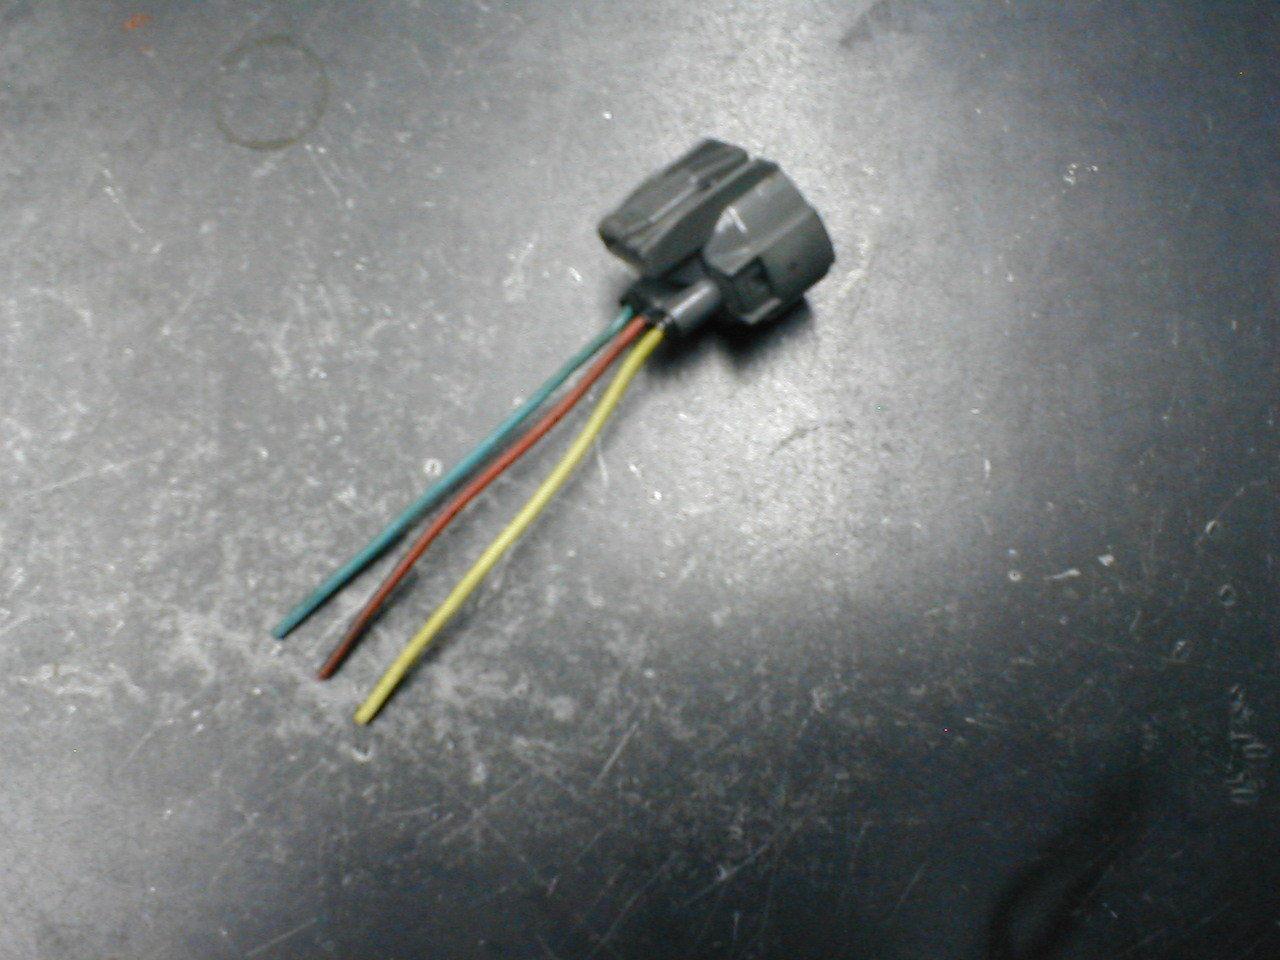 1994-1997 Honda Accord Map Sensor Pig Tail and 50 similar items